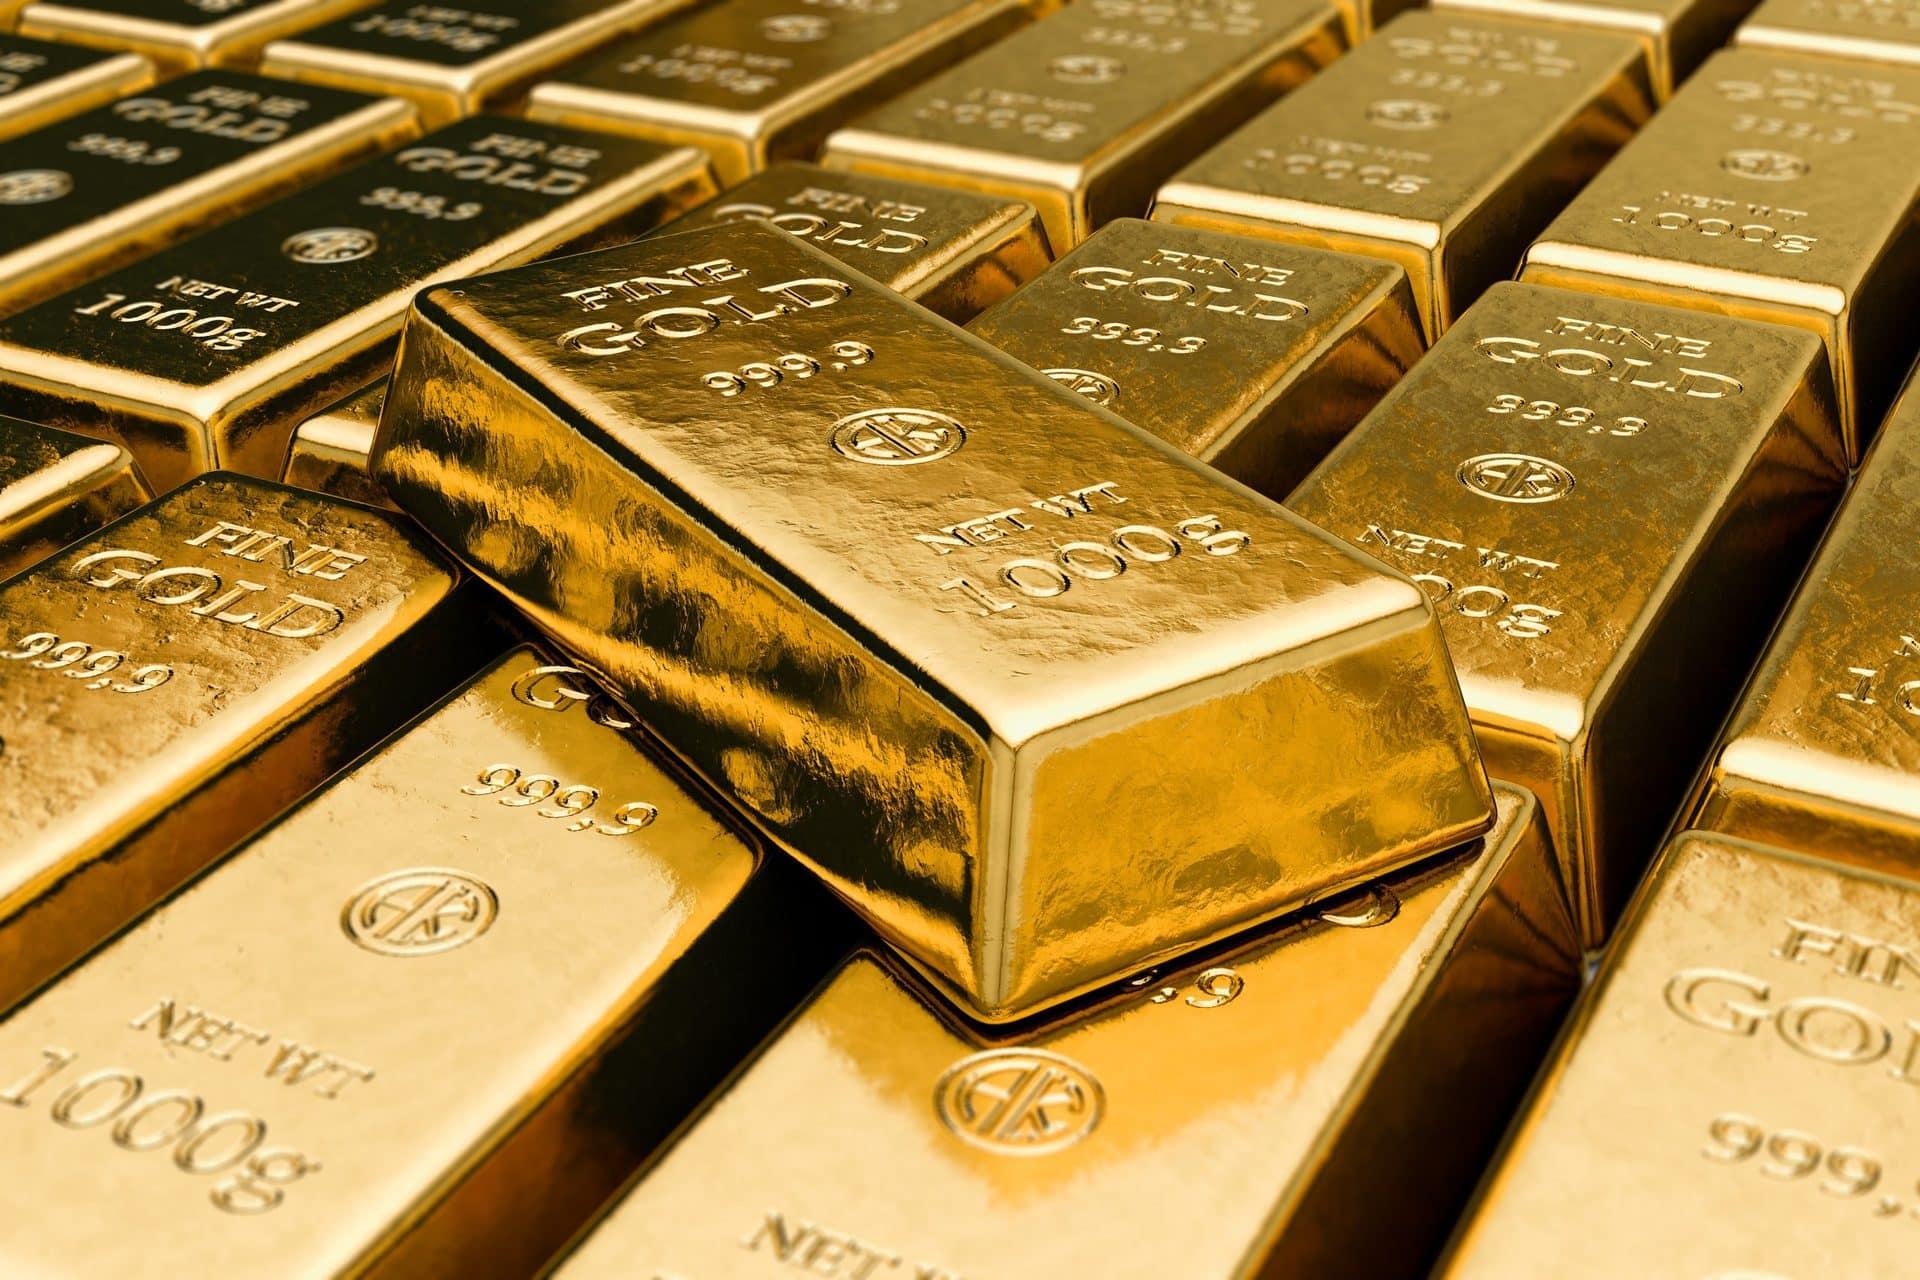 Osram-Mitarbeiter klaute 67 Kilo Gold Der Tatverdächtige wurde in Russland gefasst und nach Regensburg ausgeliefert